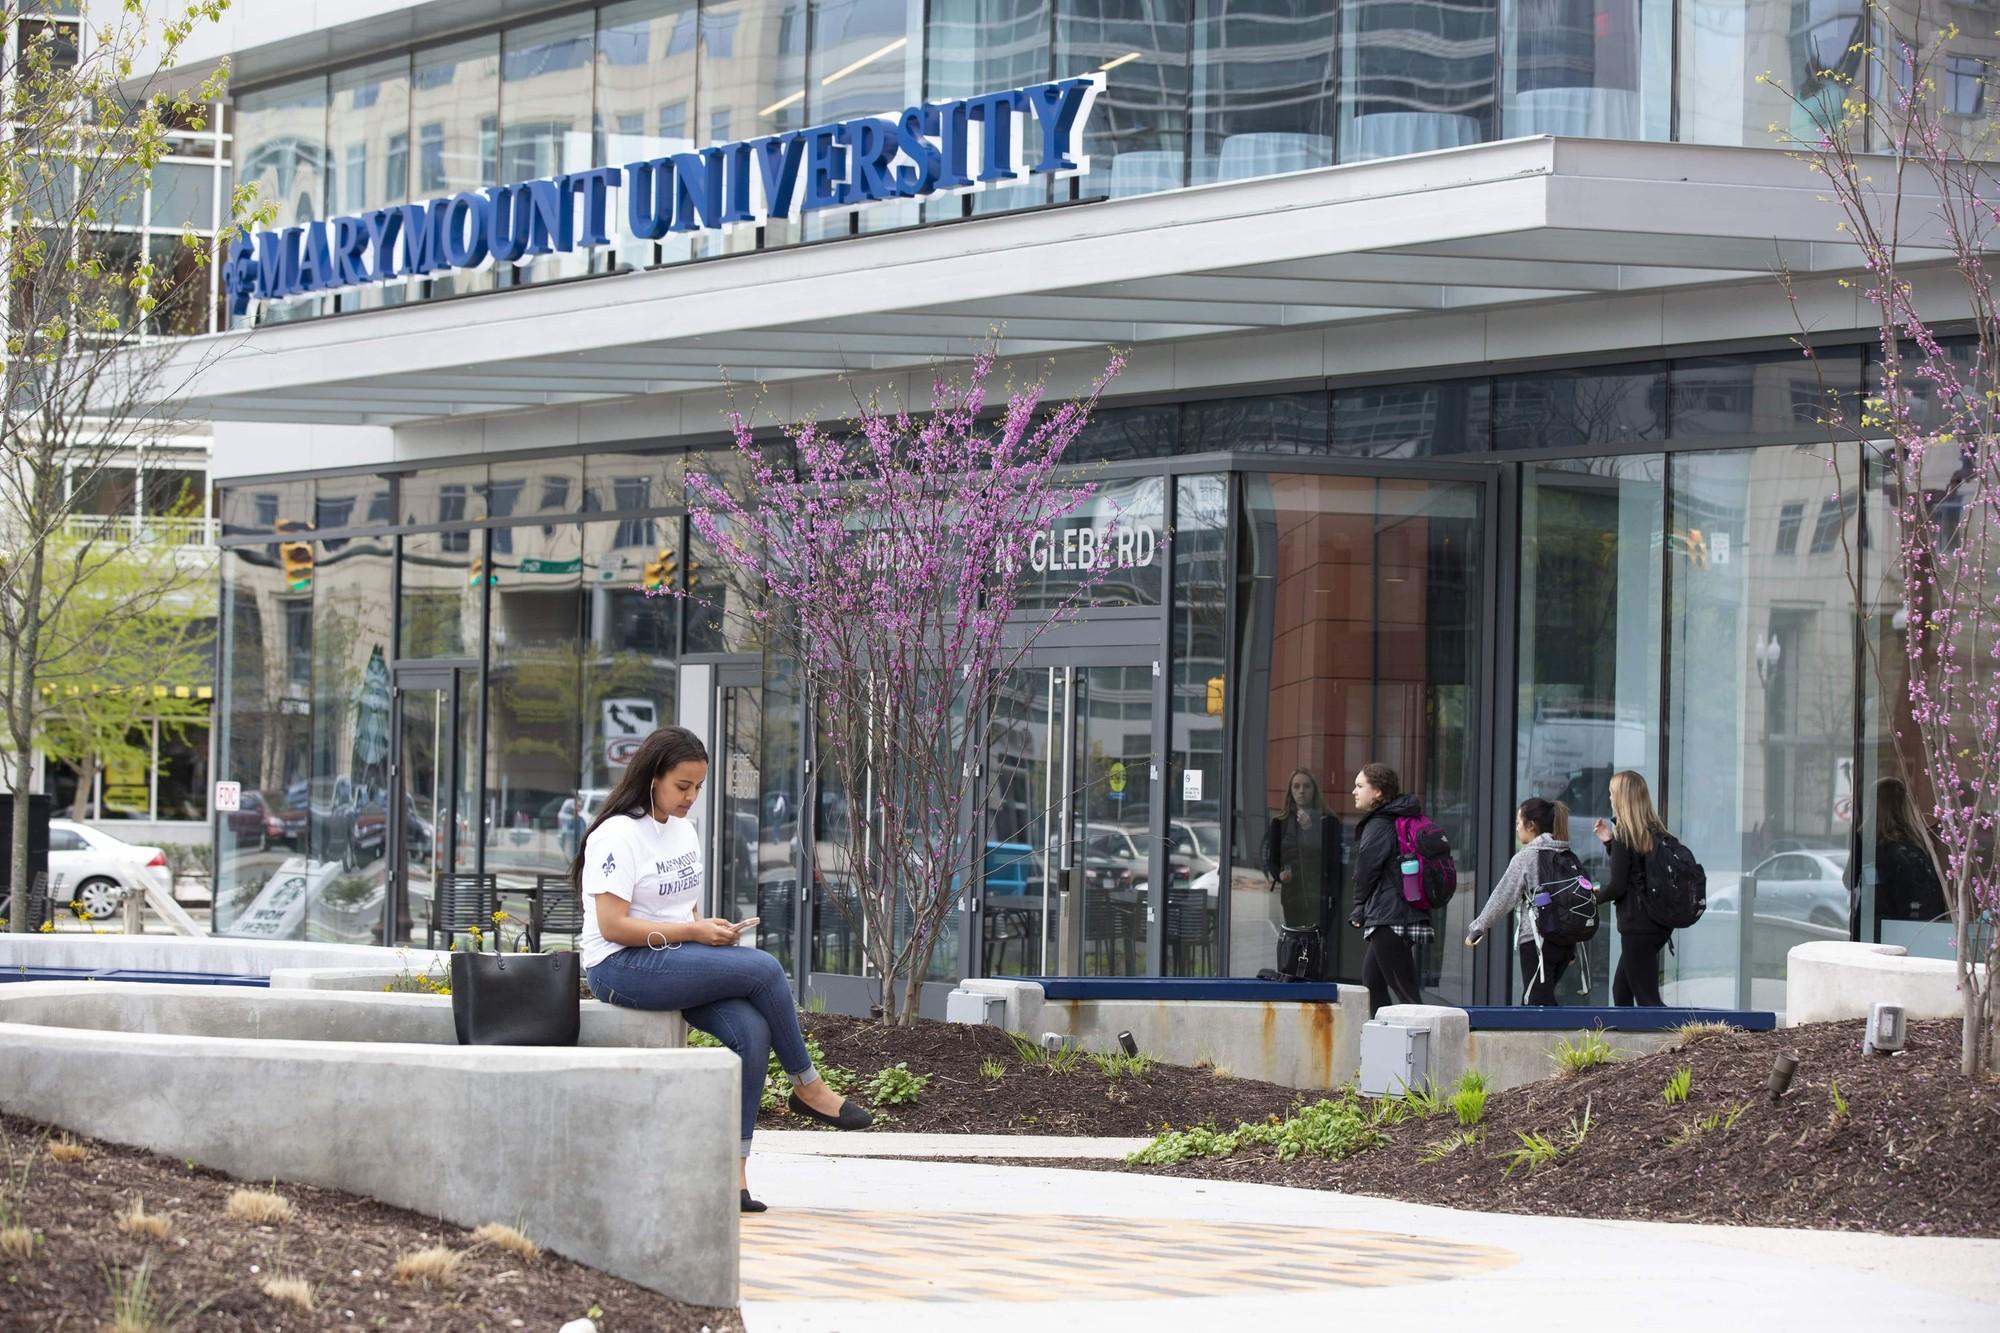 Marymount University campus